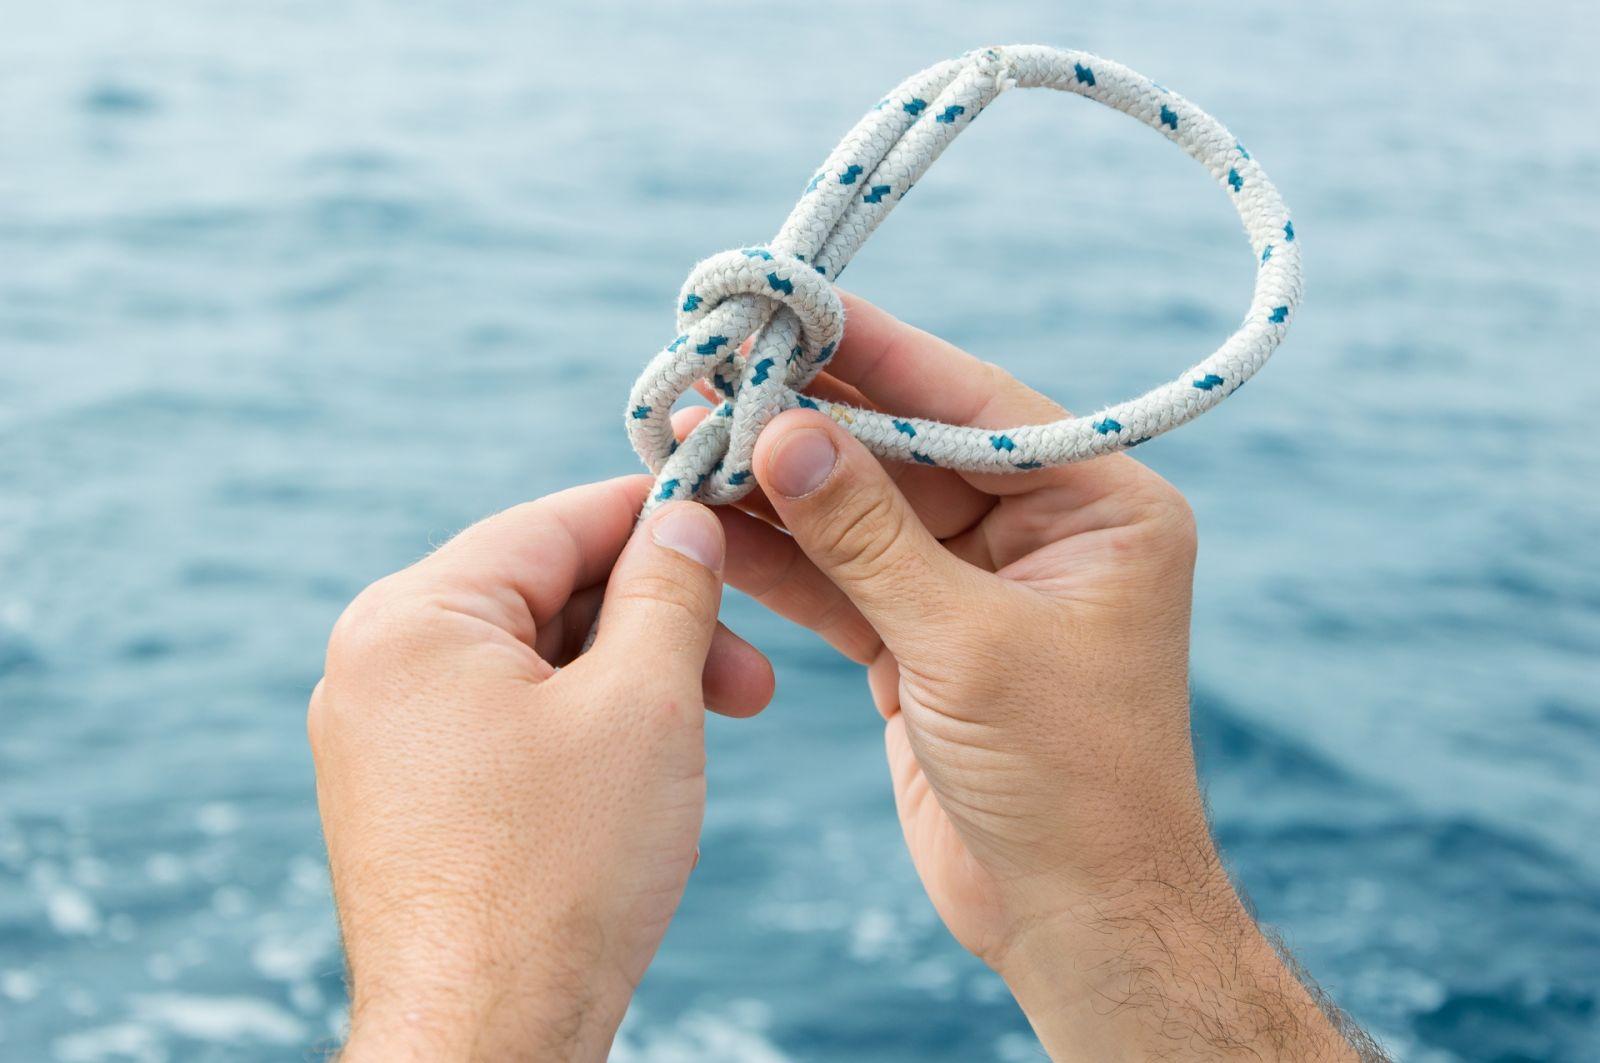 Seemannsknoten gehören zur praktischen Prüfung wie der König der Knoten, der Palstek. ©Carol Anne/AdobeStock